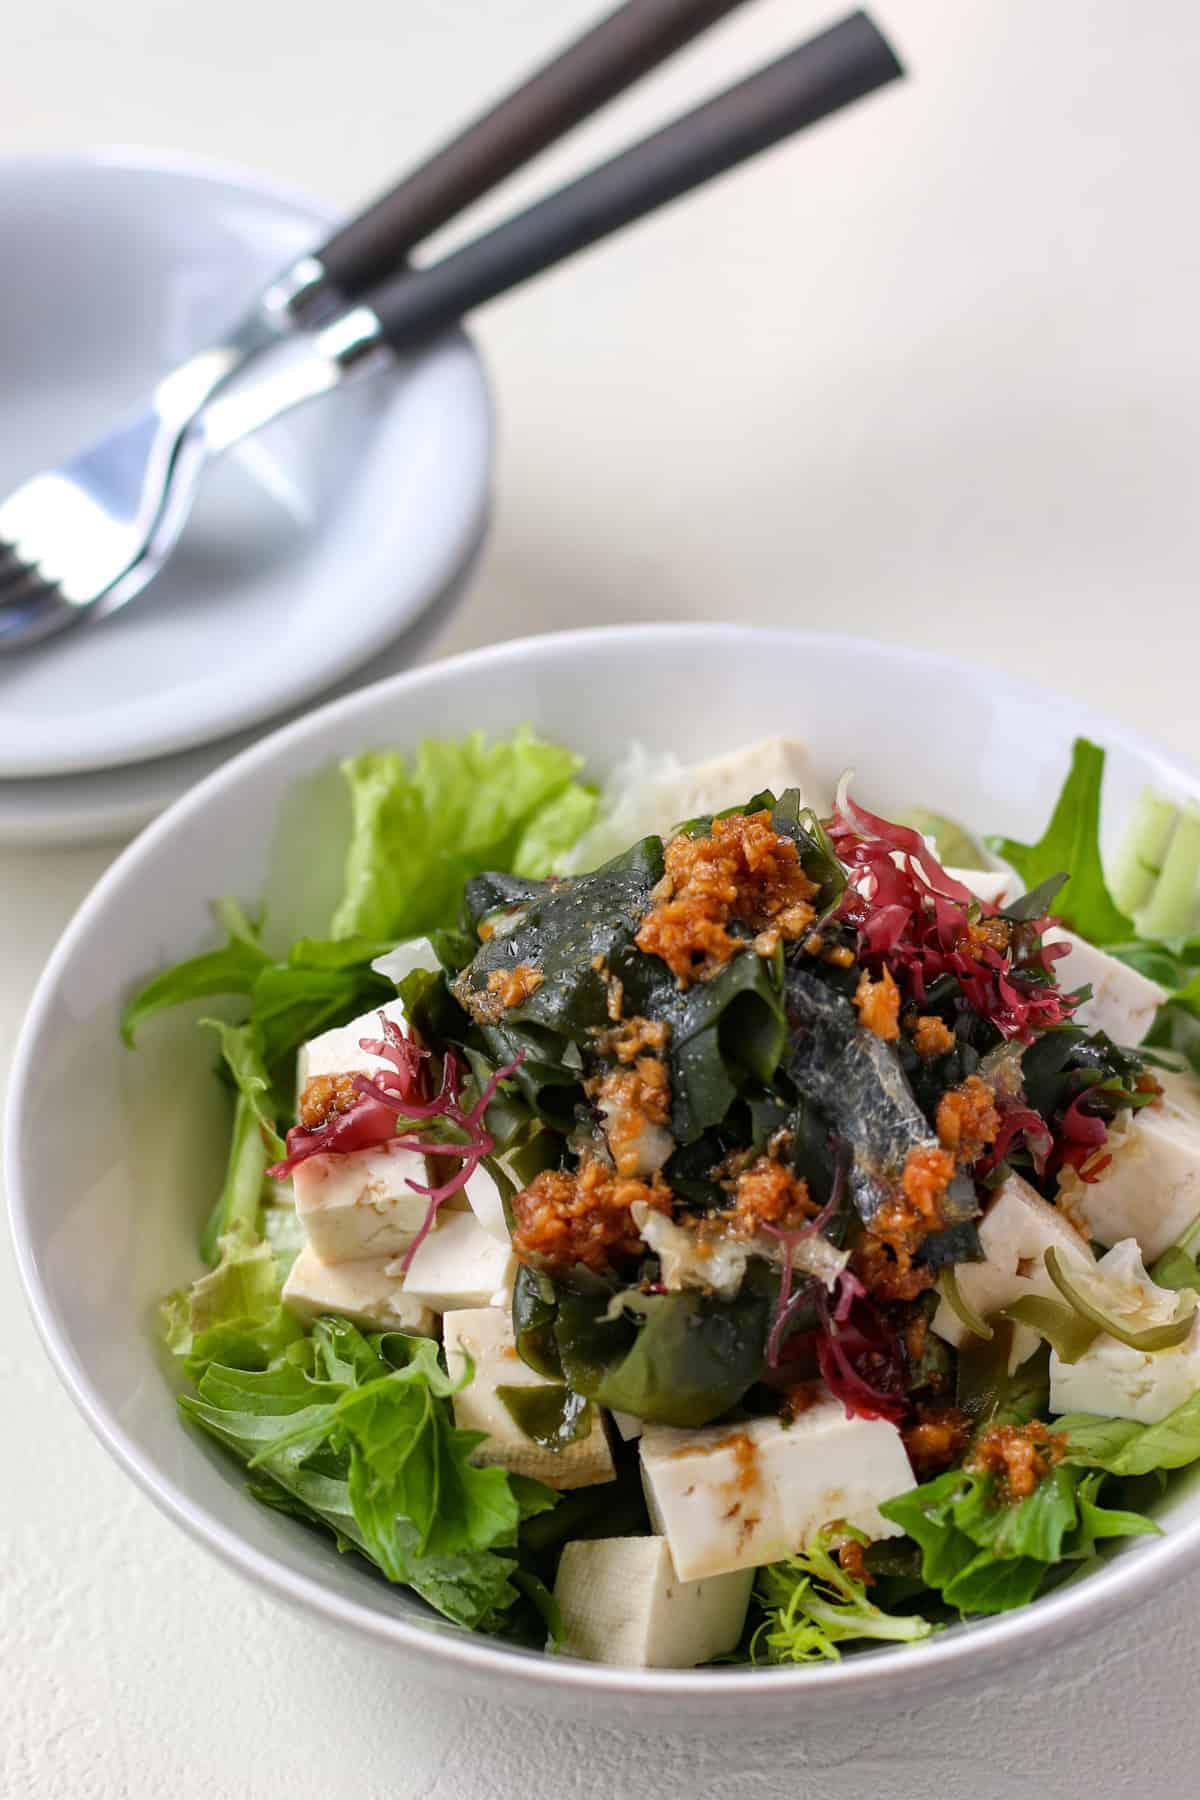 深皿に盛り付けられた、緑野菜と、豆腐、海藻。生姜ドレッシングがトッピングされている。